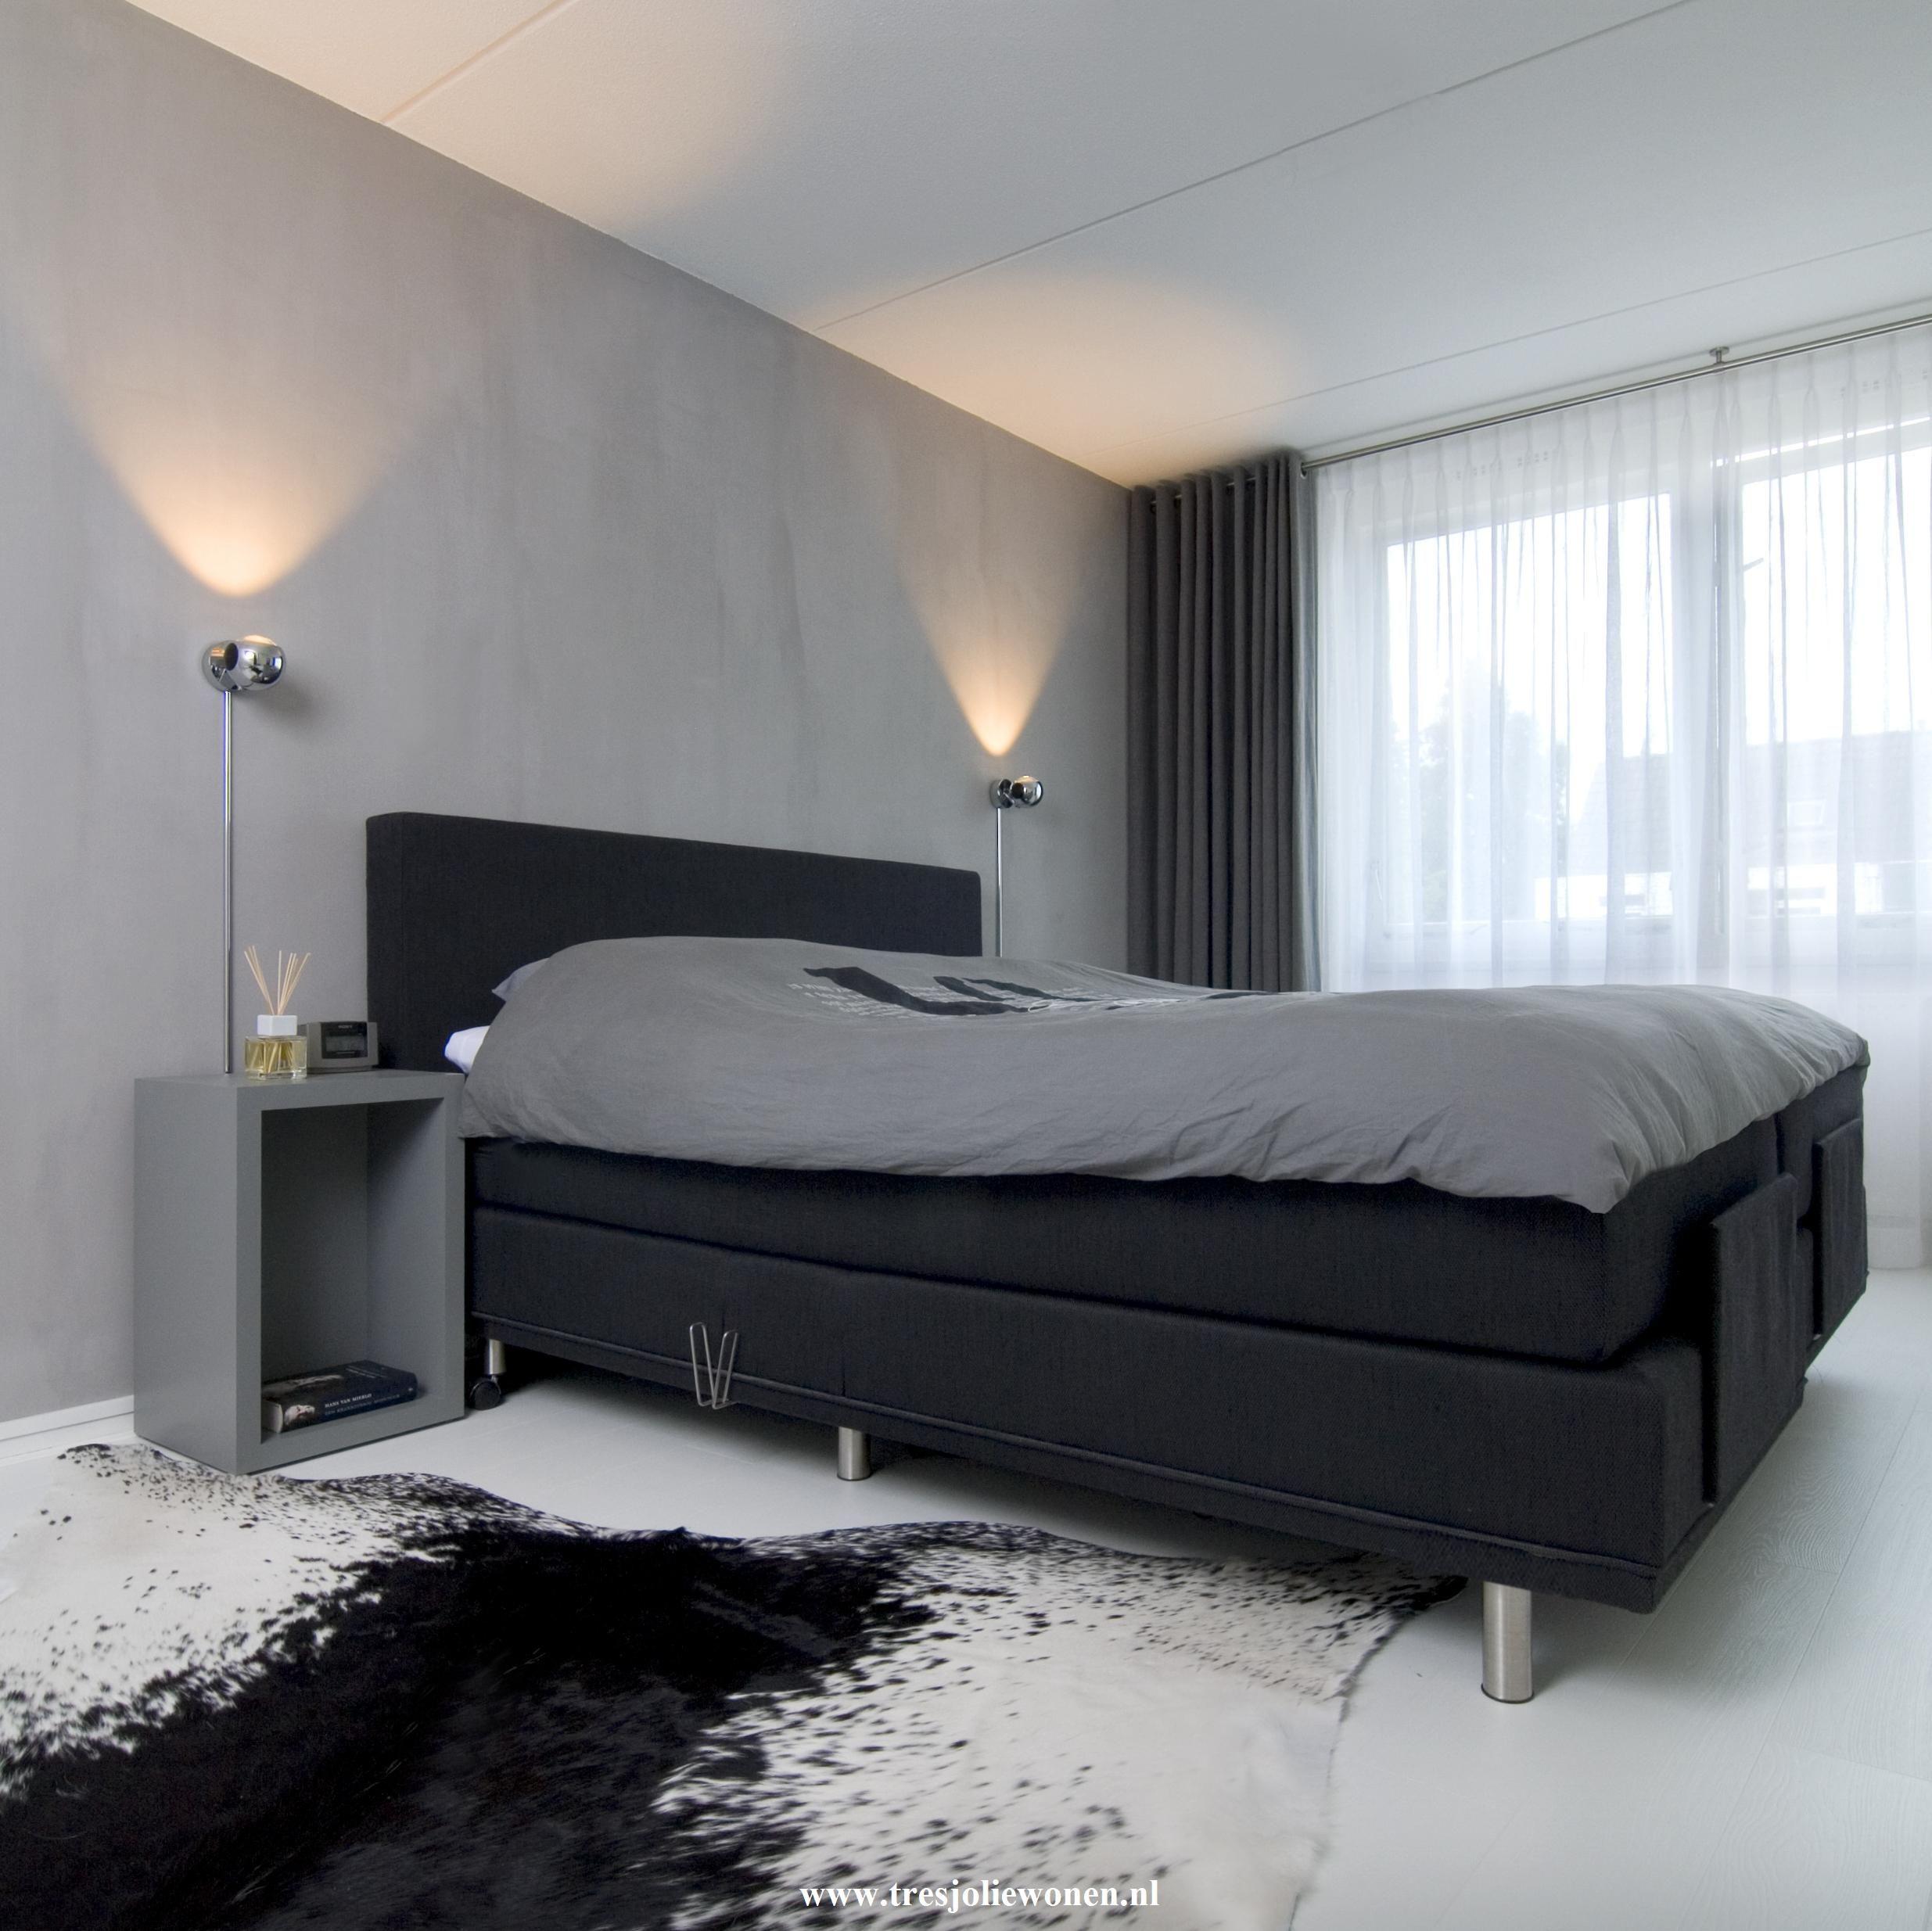 strakke slaapkamer en toch sfeervol door gebruik van natuurlijke materialen zoals kalkverf en linnenkatoenen gordijnen